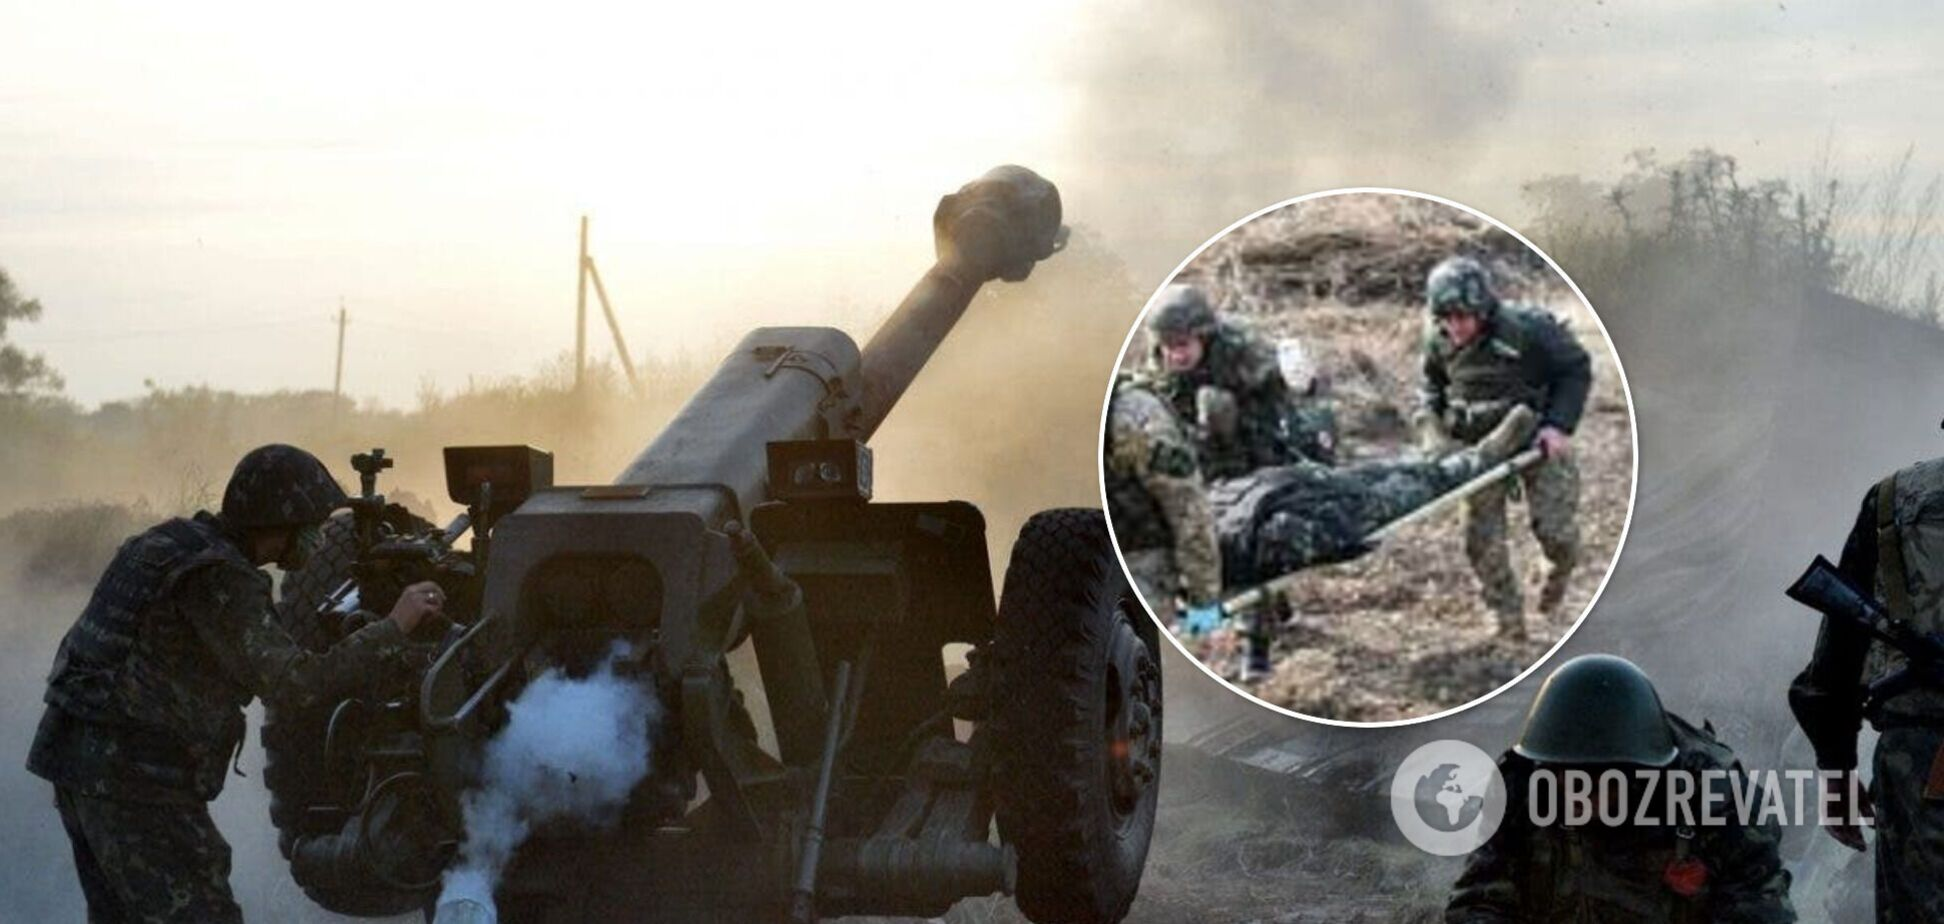 Наемники России накрыли ВСУ на Донбассе из тяжелой артиллерии, ранены двое бойцов